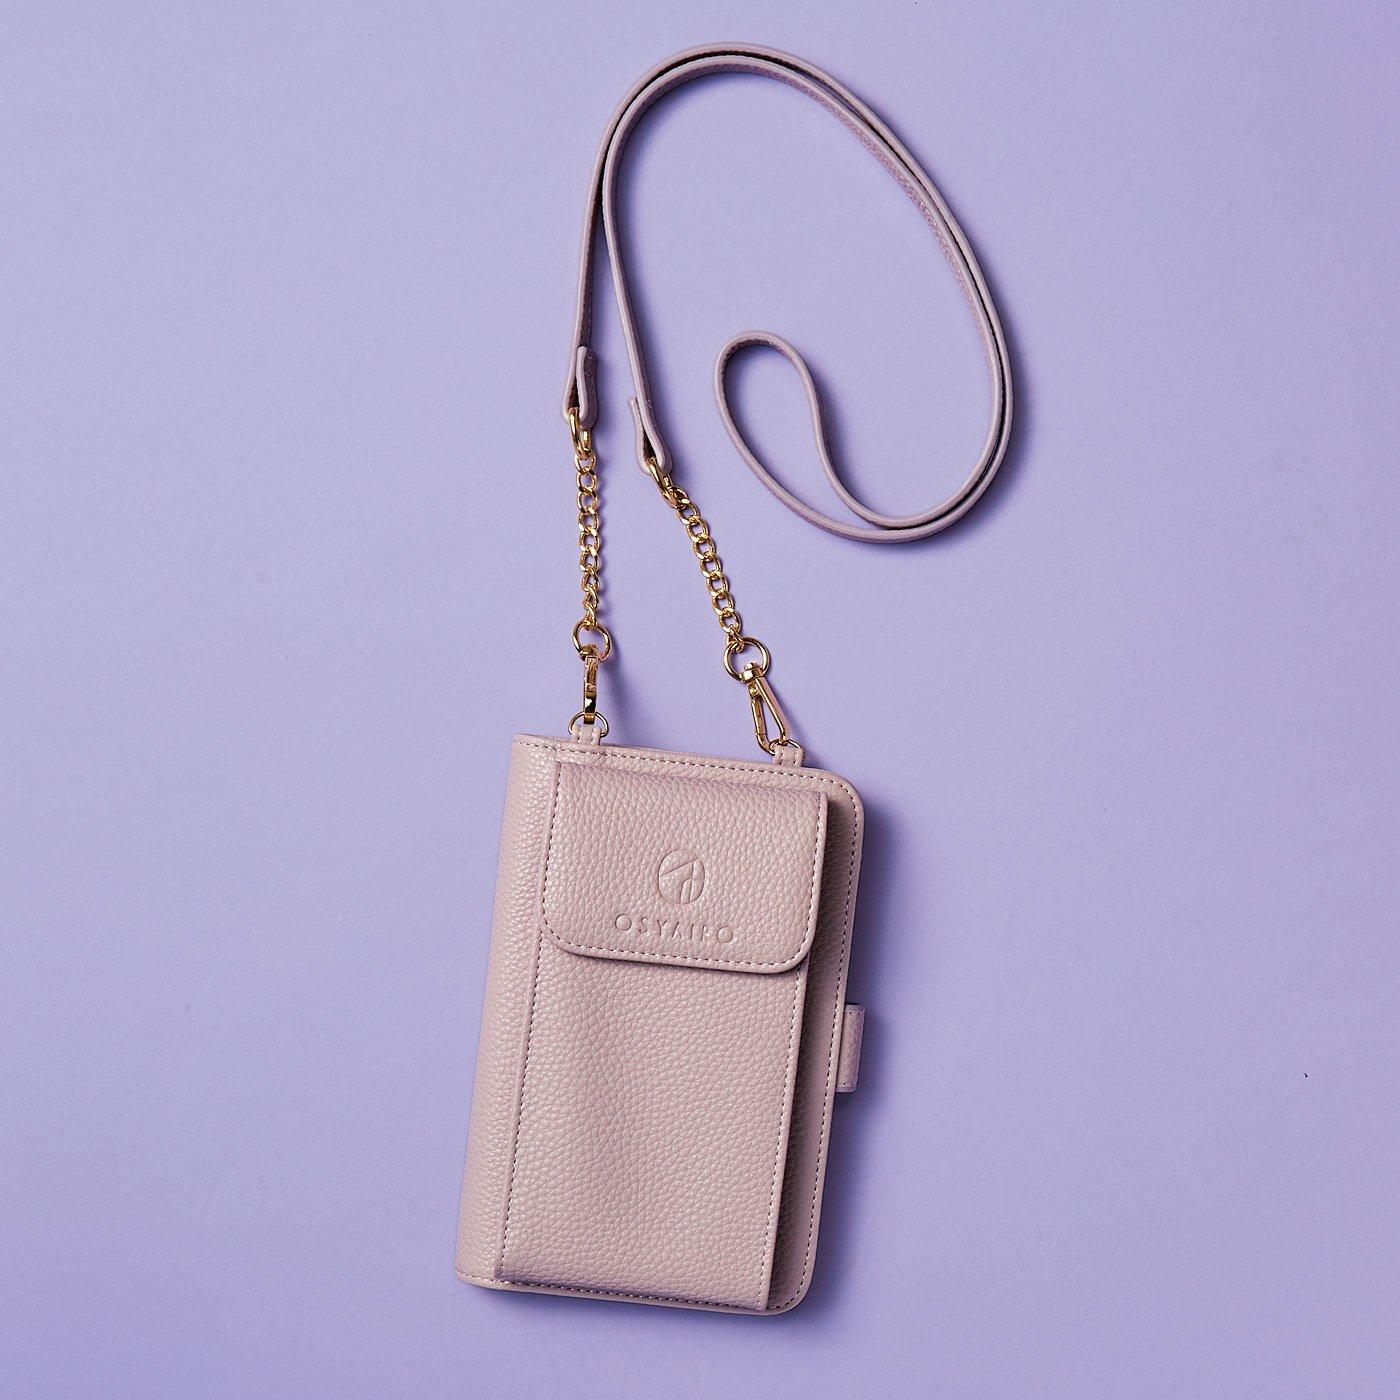 【3~10日でお届け】 OSYAIRO フォトポケットが付いた スマホ&おさいふポーチ〈パープル〉